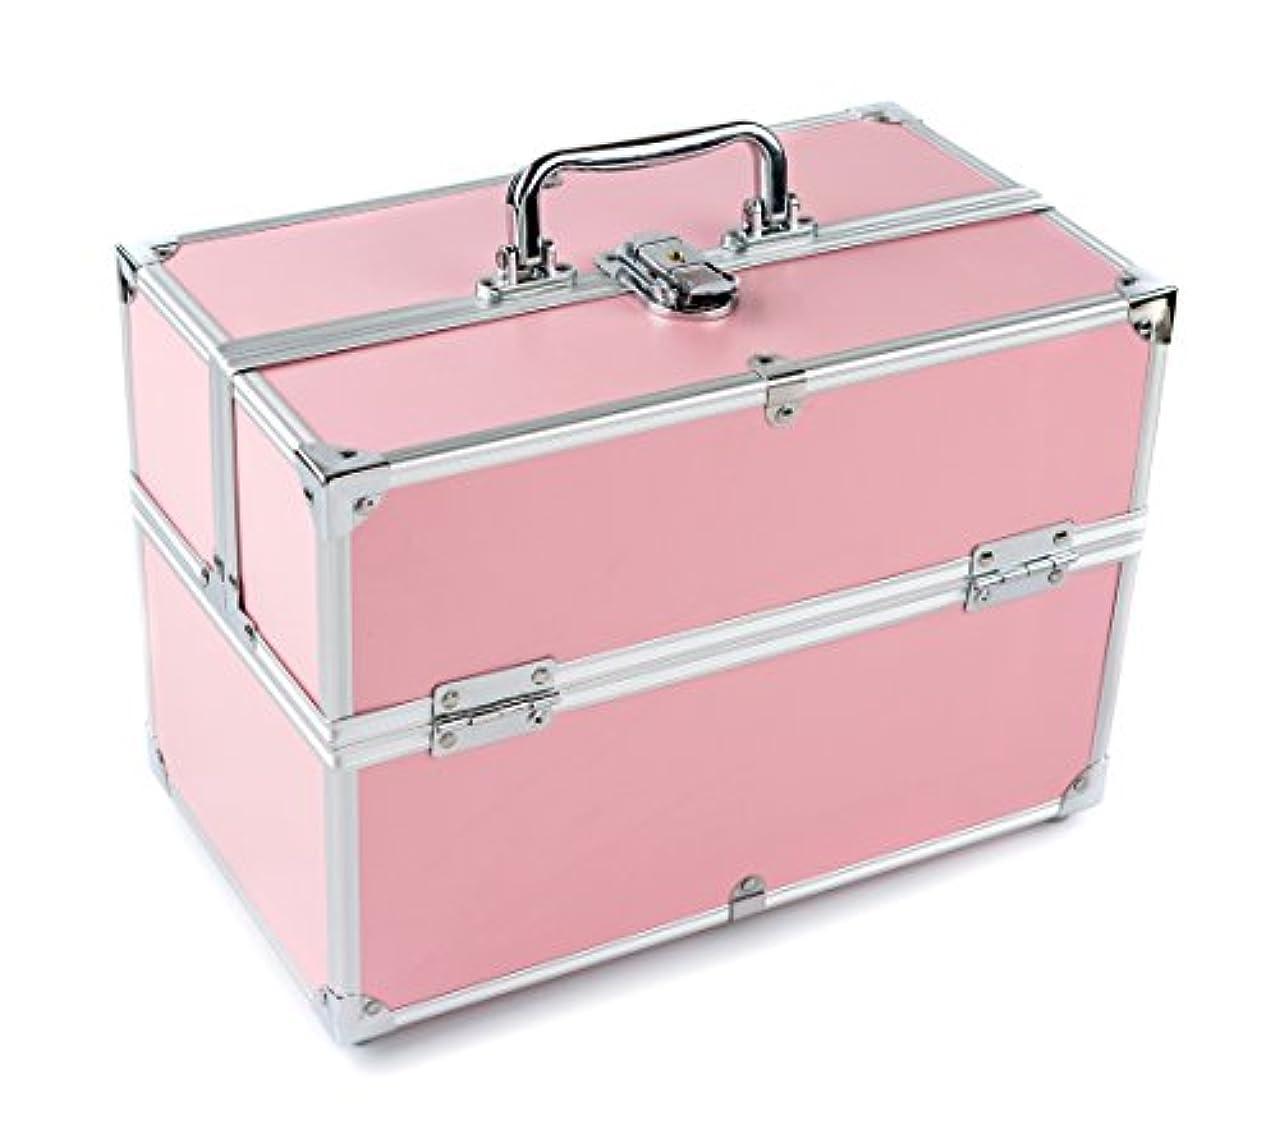 くしゃくしゃビジュアル砂のGOGOS コスメボックス 大容量 かわいい プロ 人気 アルミ制 コスメBOX メイクボックス 化粧道具入れ 化粧品収納 取っ手付 祝日プレゼント